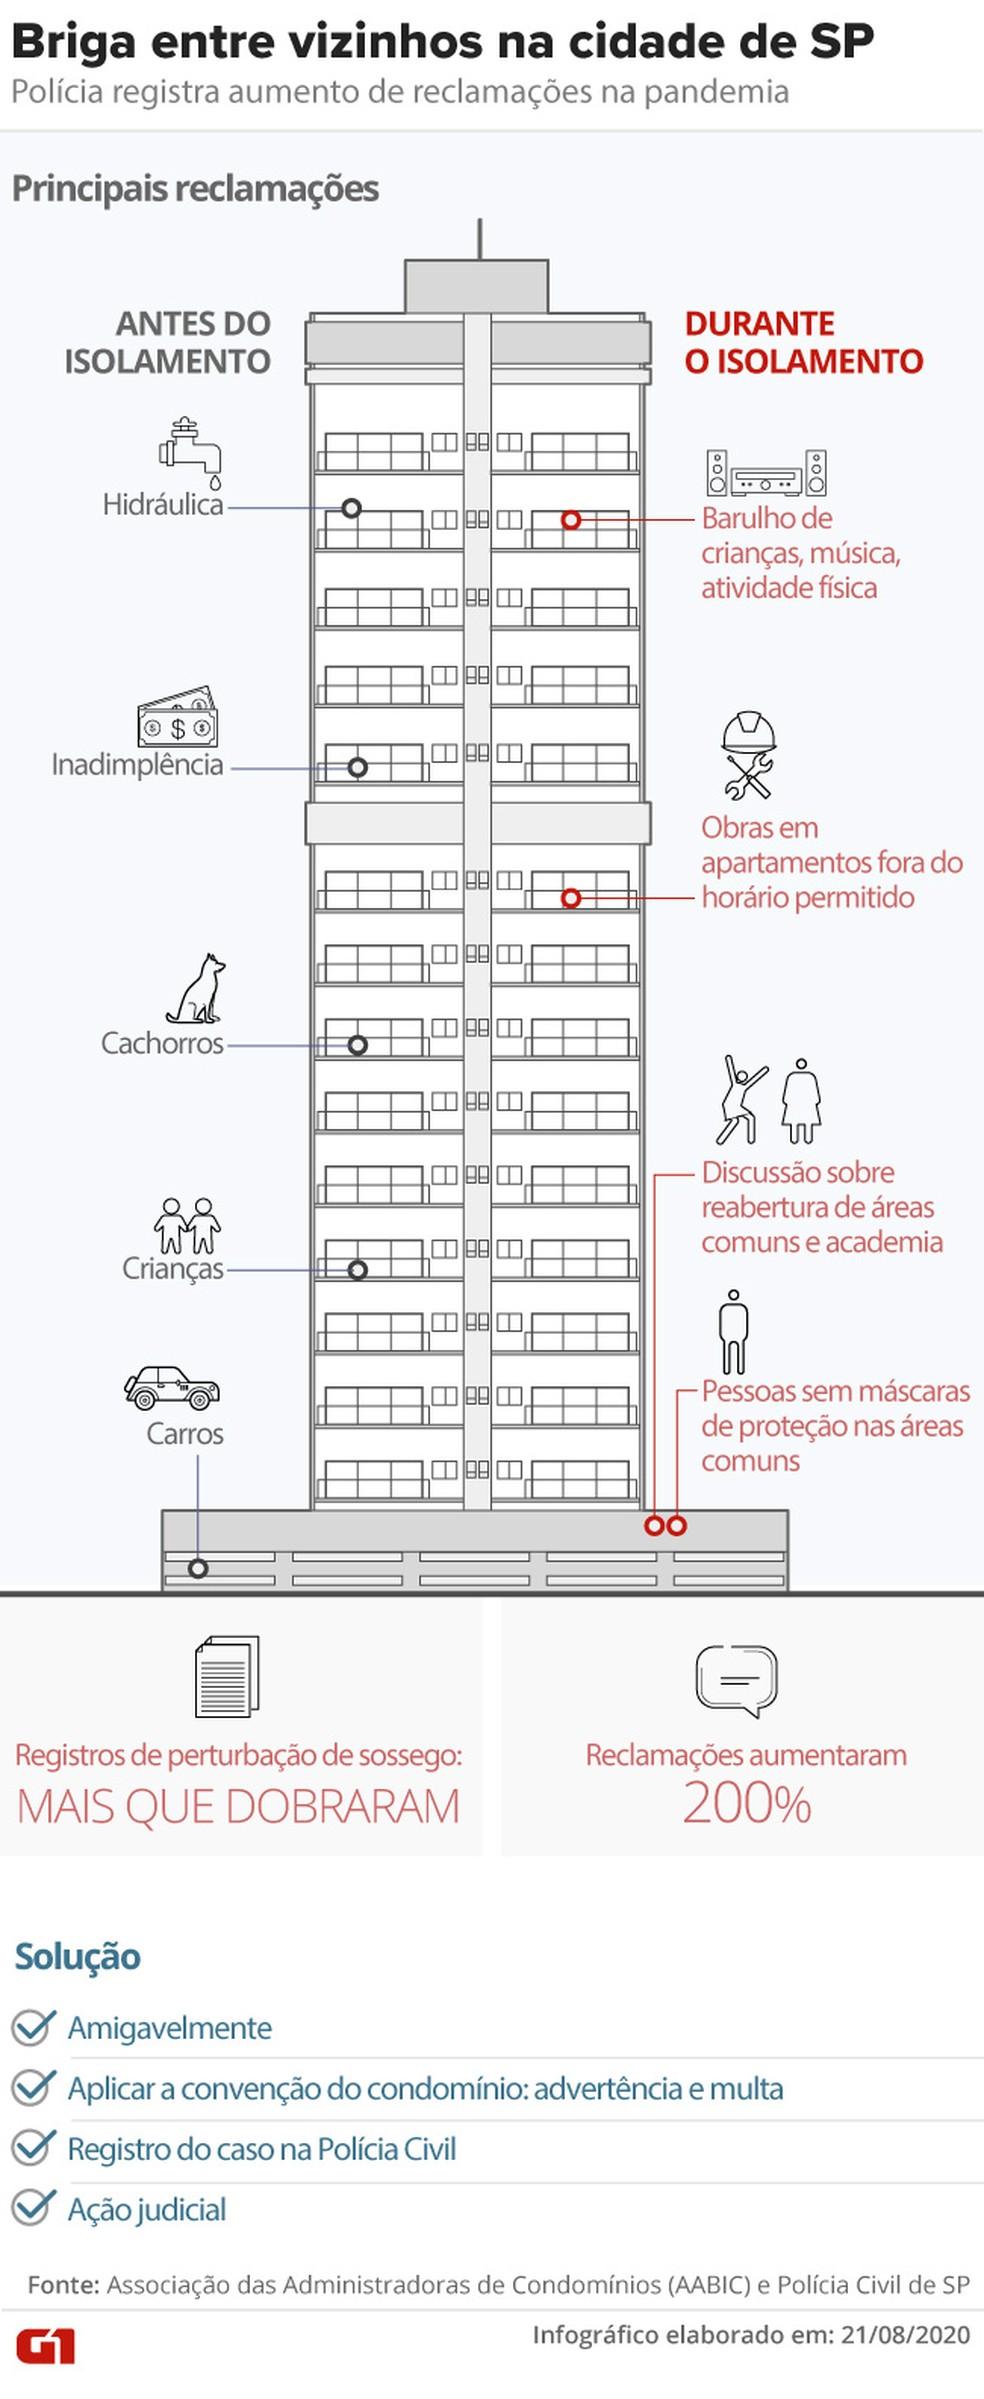 Registros de perturbação de sossego na cidade de SP mais do que dobram em meio a brigas de vizinhos na quarentena — Foto: Aparecido Gonçalves/Arte G1